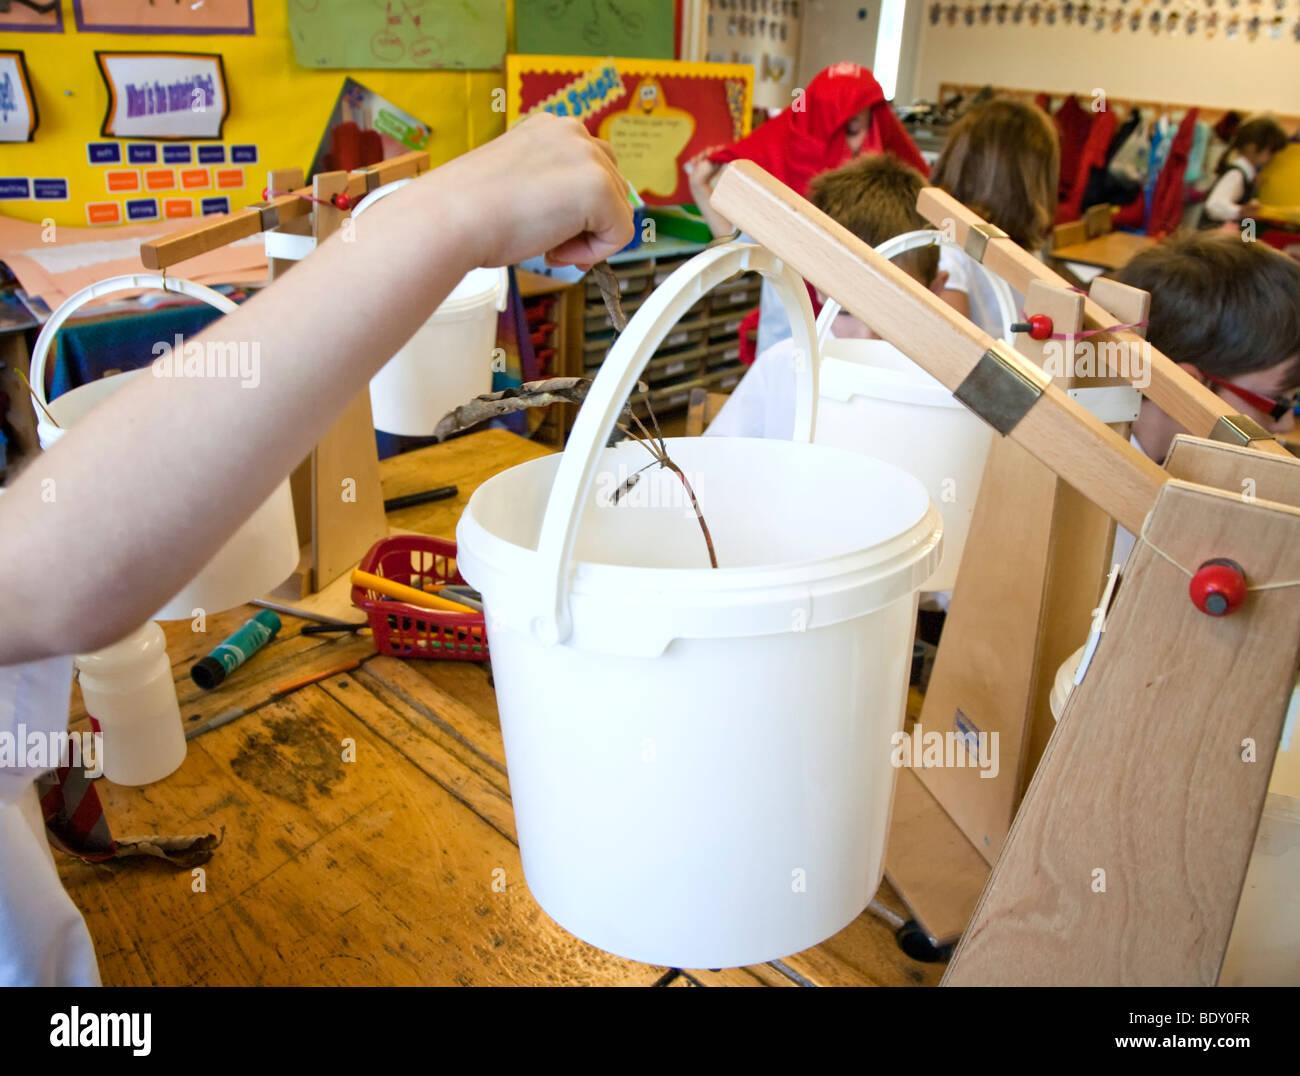 La scuola primaria scienza esperimento Immagini Stock